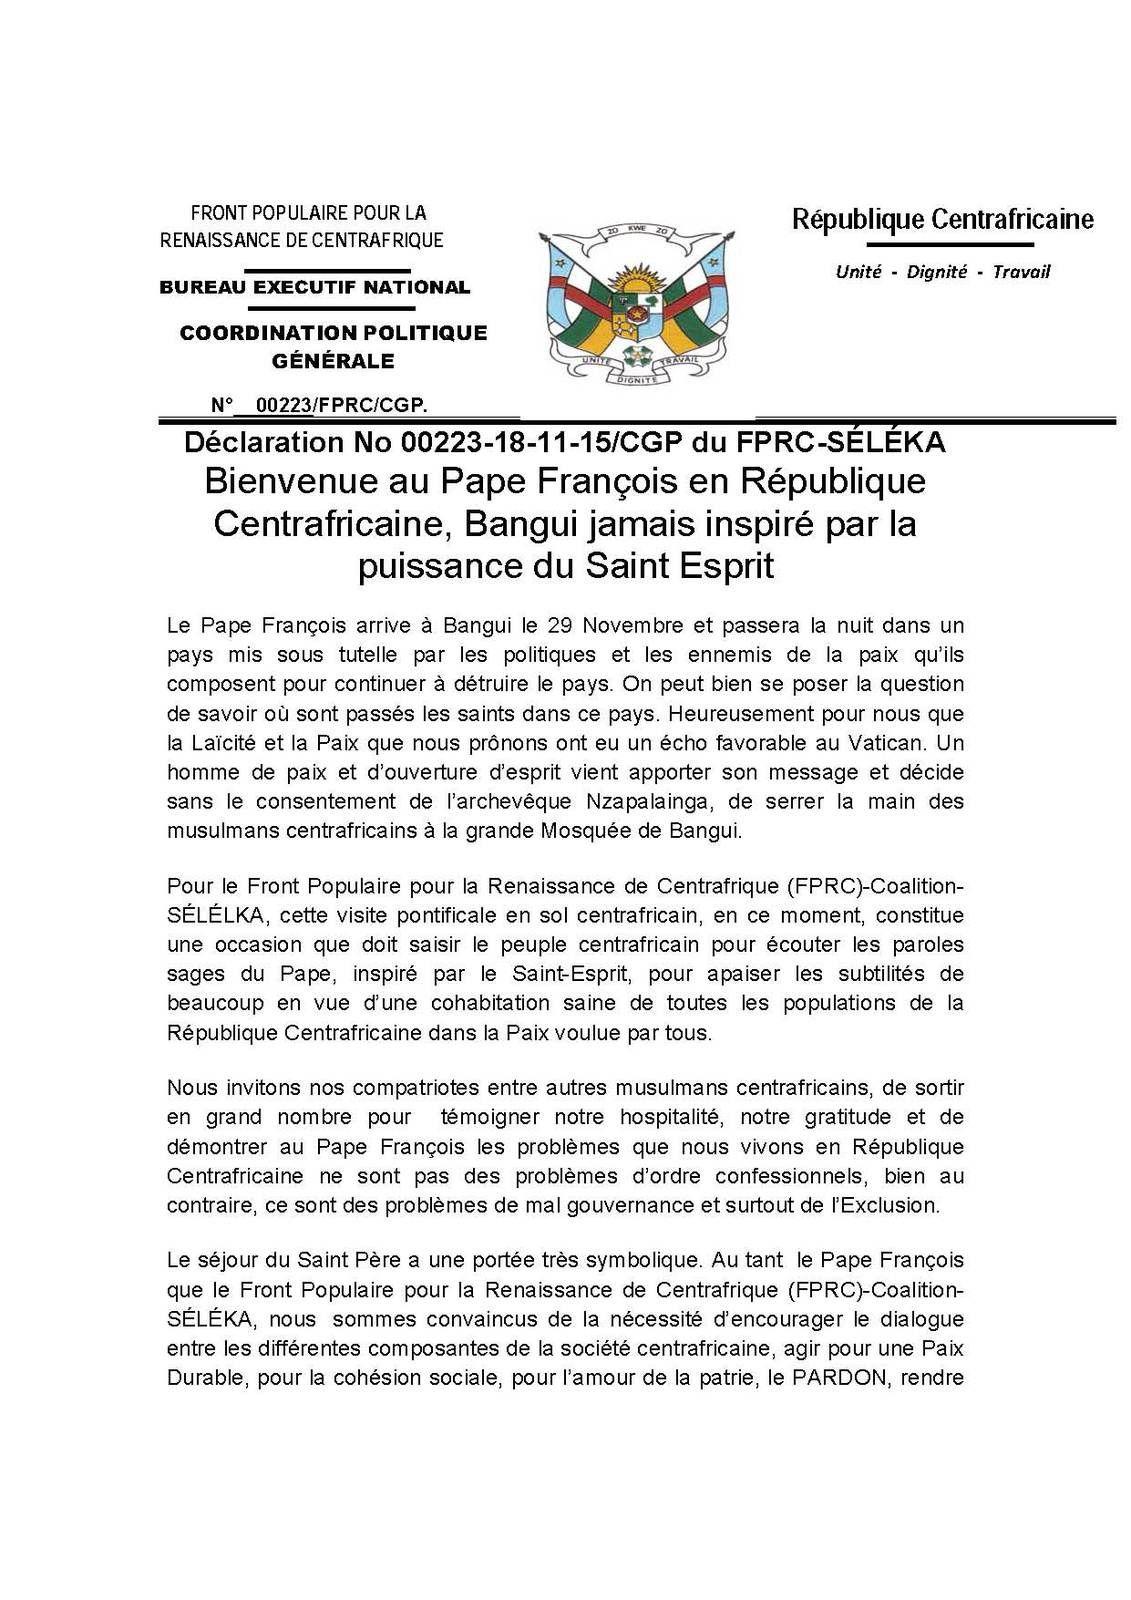 Bienvenue au Pape François en République Centrafricaine, Bangui jamais inspiré par la puissance du Saint Esprit